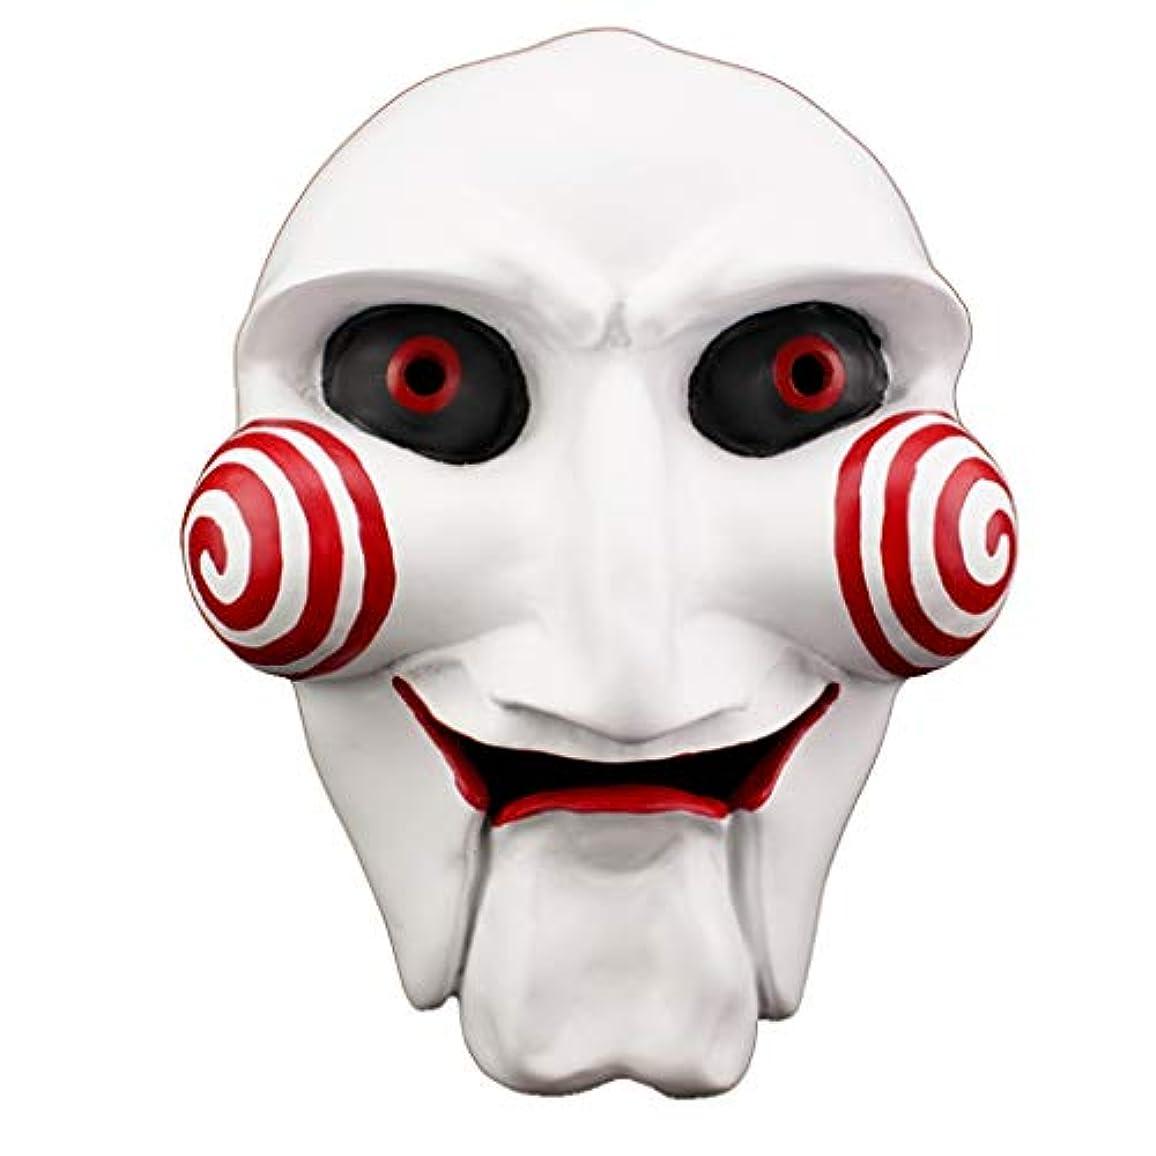 みすぼらしいトリクル教科書ハロウィンホラーマスク、チェーンソークリプトテーママスクマスカレード樹脂マスク(22.5 * 12 cm)